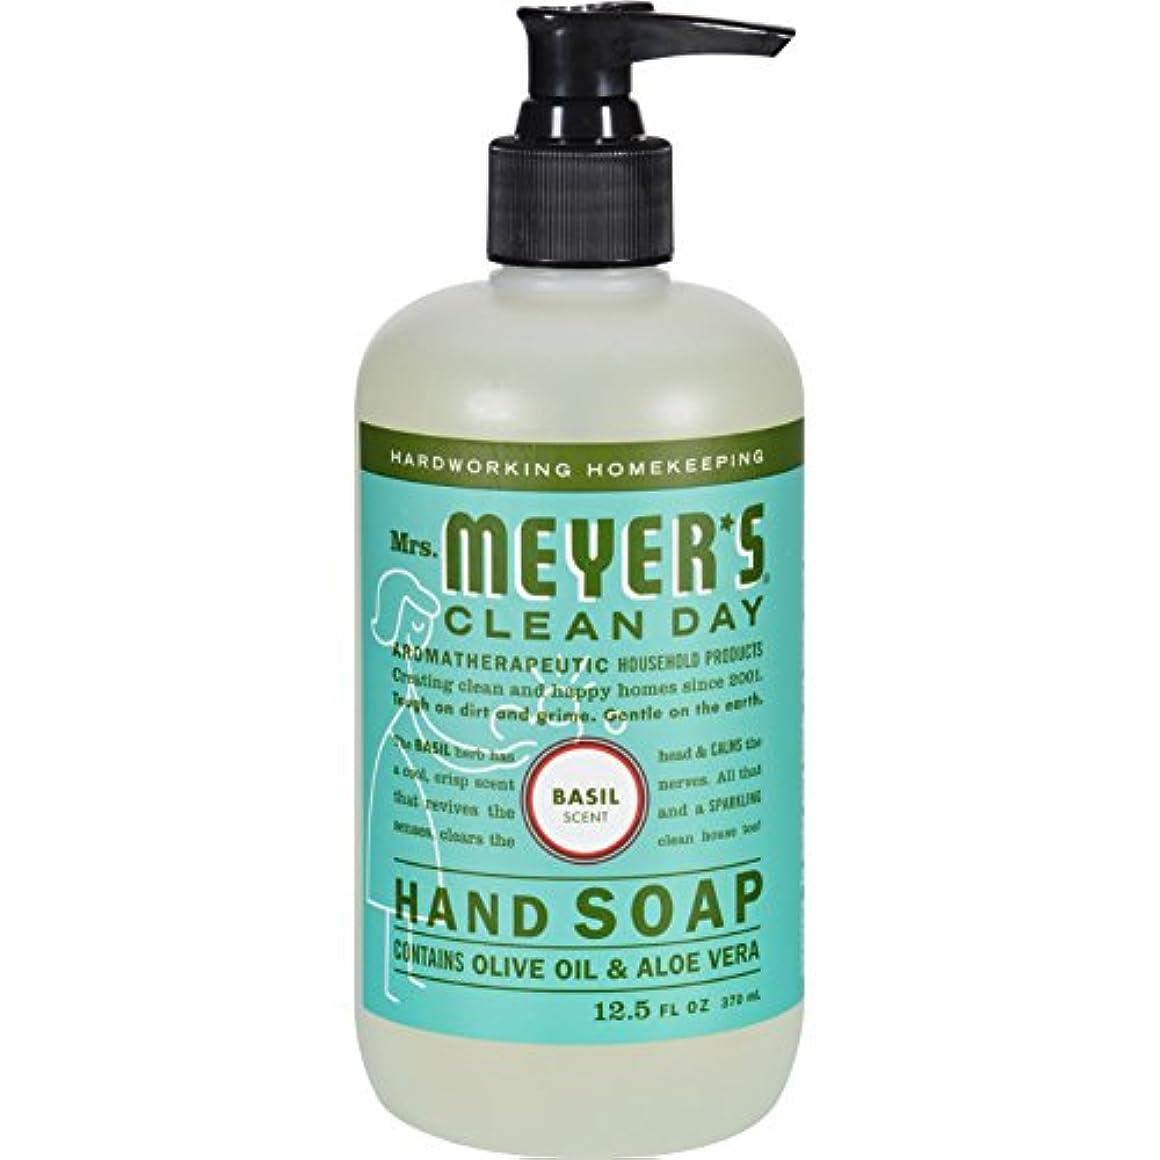 暫定の民間フィットネスMRS. MEYER'S HAND SOAP,LIQ,BASIL, 12.5 FZ by Mrs. Meyer's Clean Day